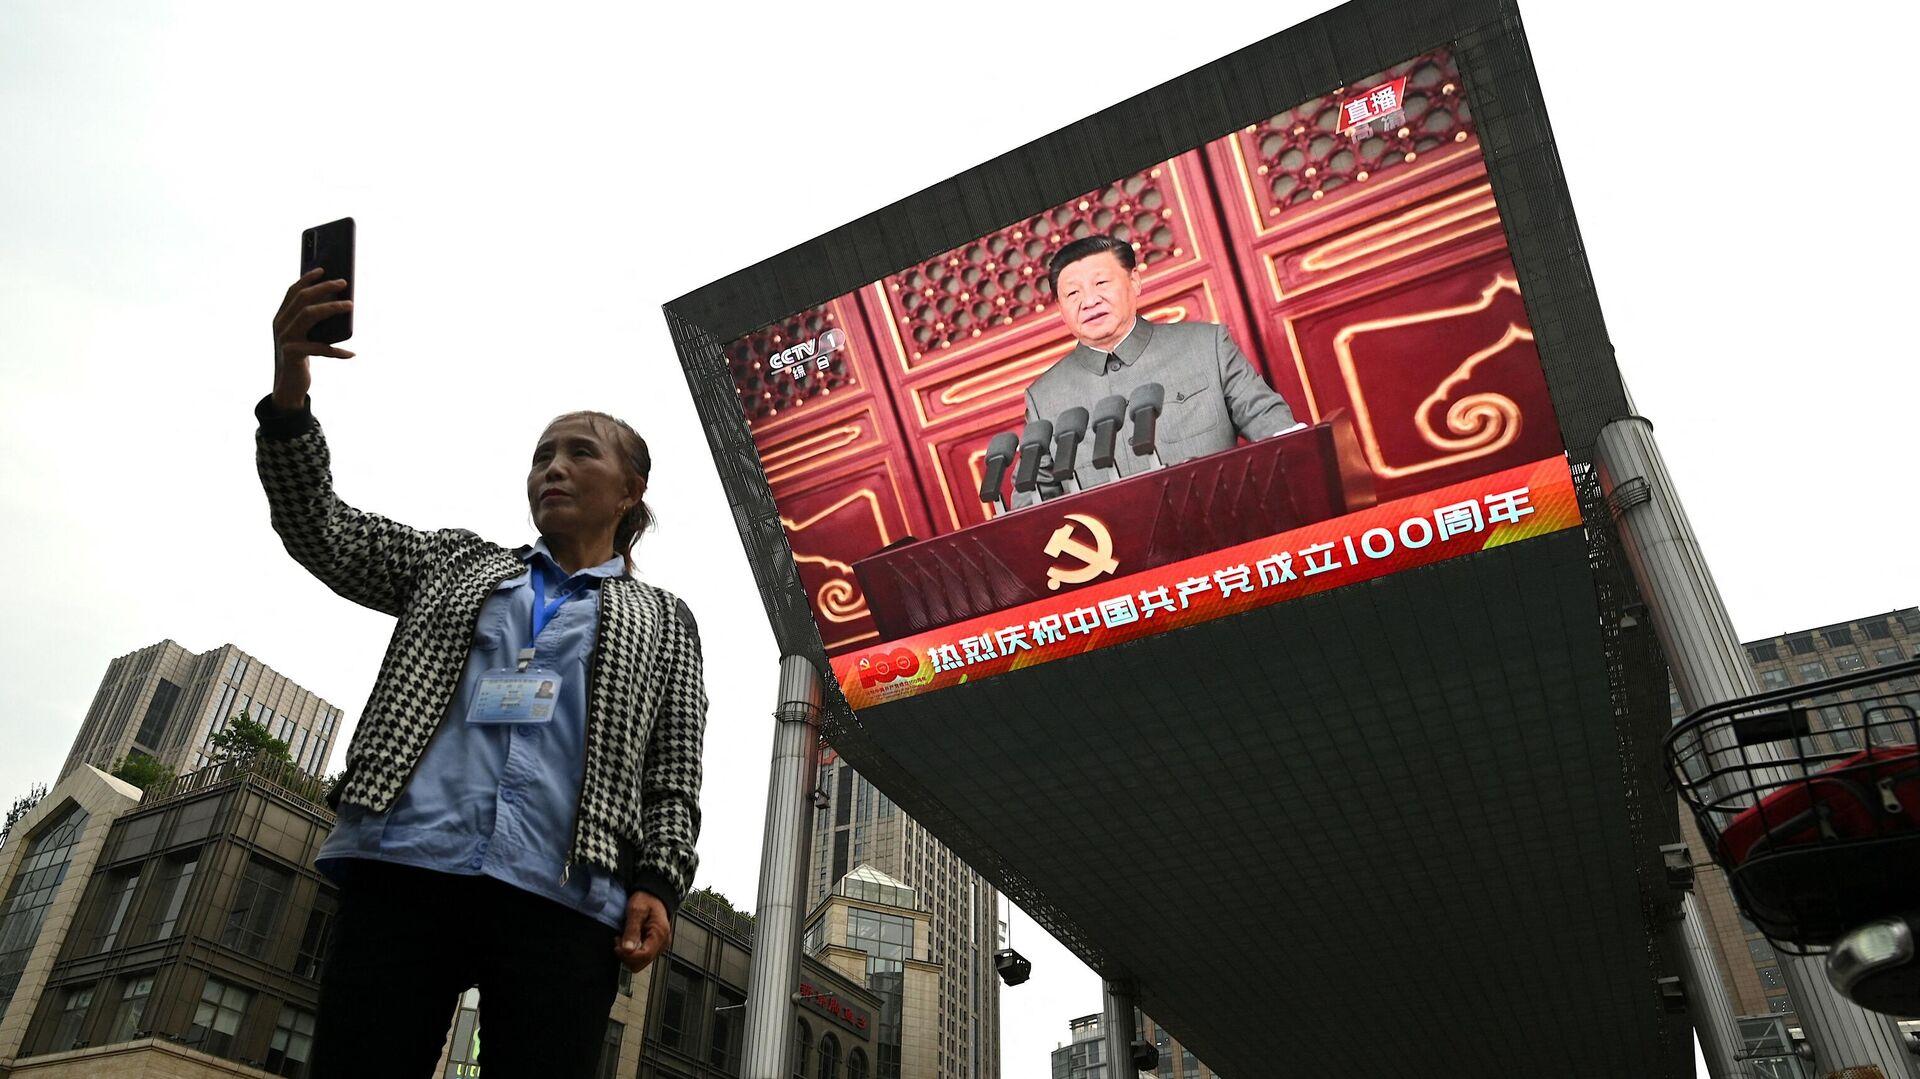 Трансляция выступления председателя КНР Си Цзиньпиня в честь 100-летия юбилея Коммунистической партии Китая - Sputnik Узбекистан, 1920, 08.07.2021